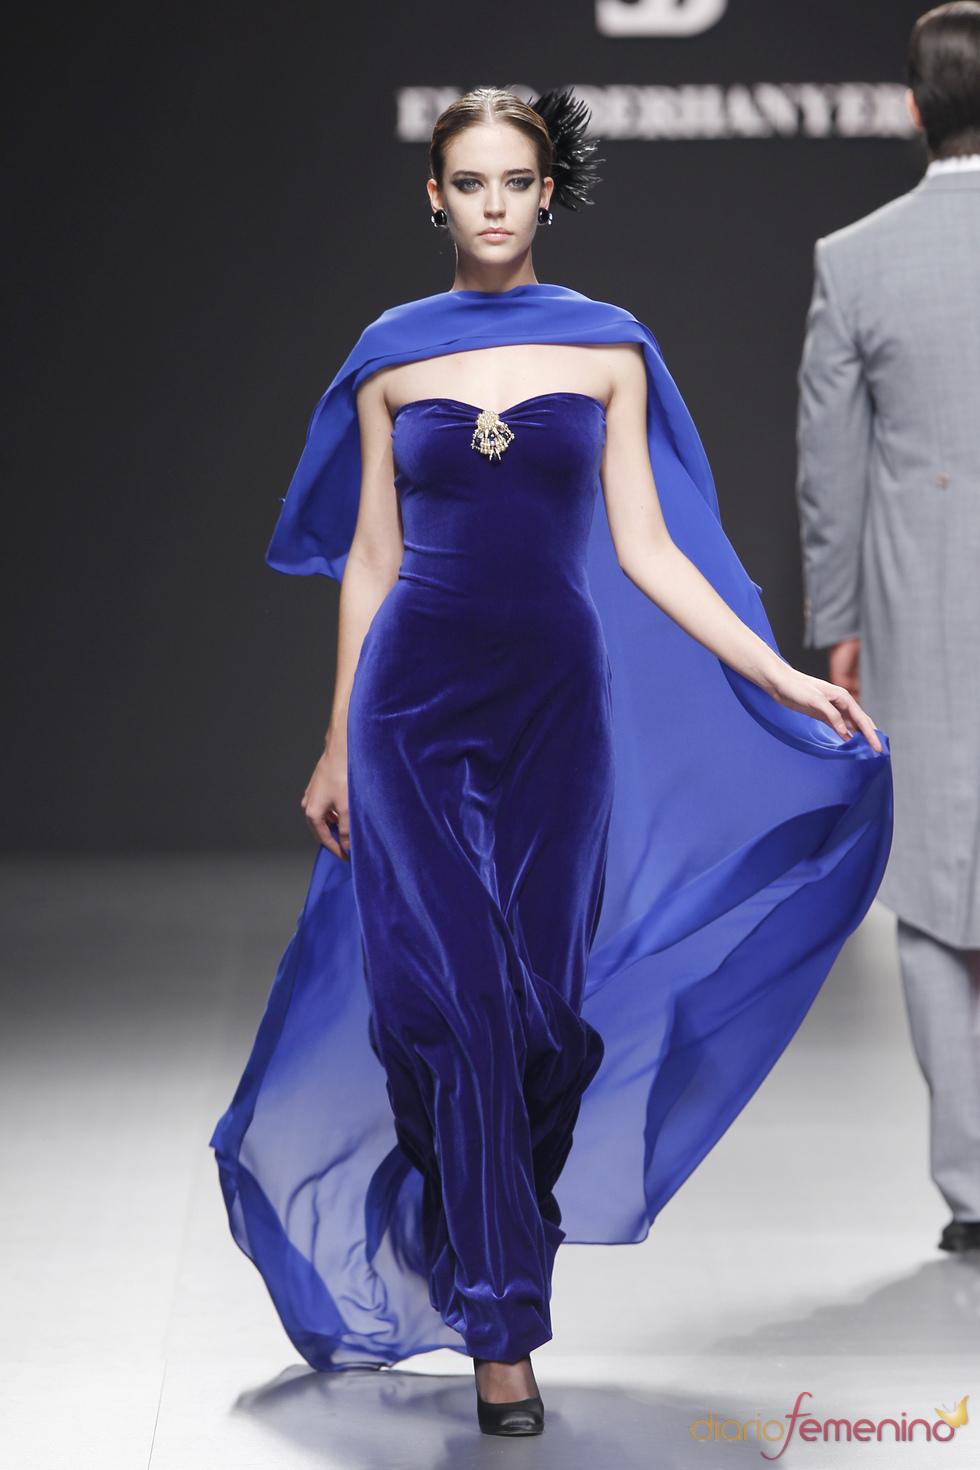 Increíble Vestido De Color Turquesa Para La Boda Composición ...